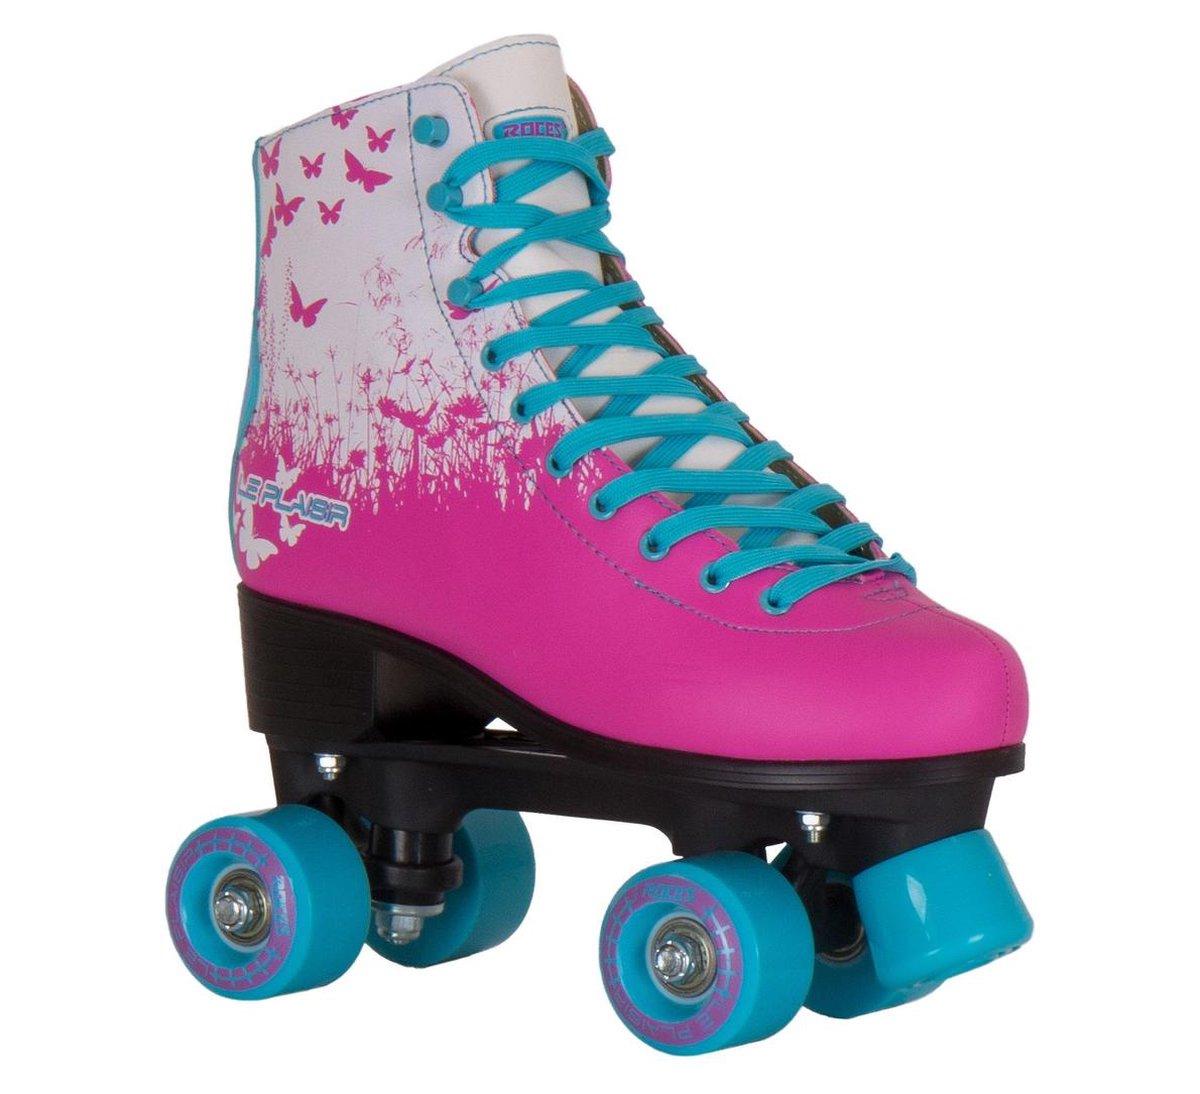 Roces Rolschaatsen Le Plaisir Dames Roze/blauw Maat 38